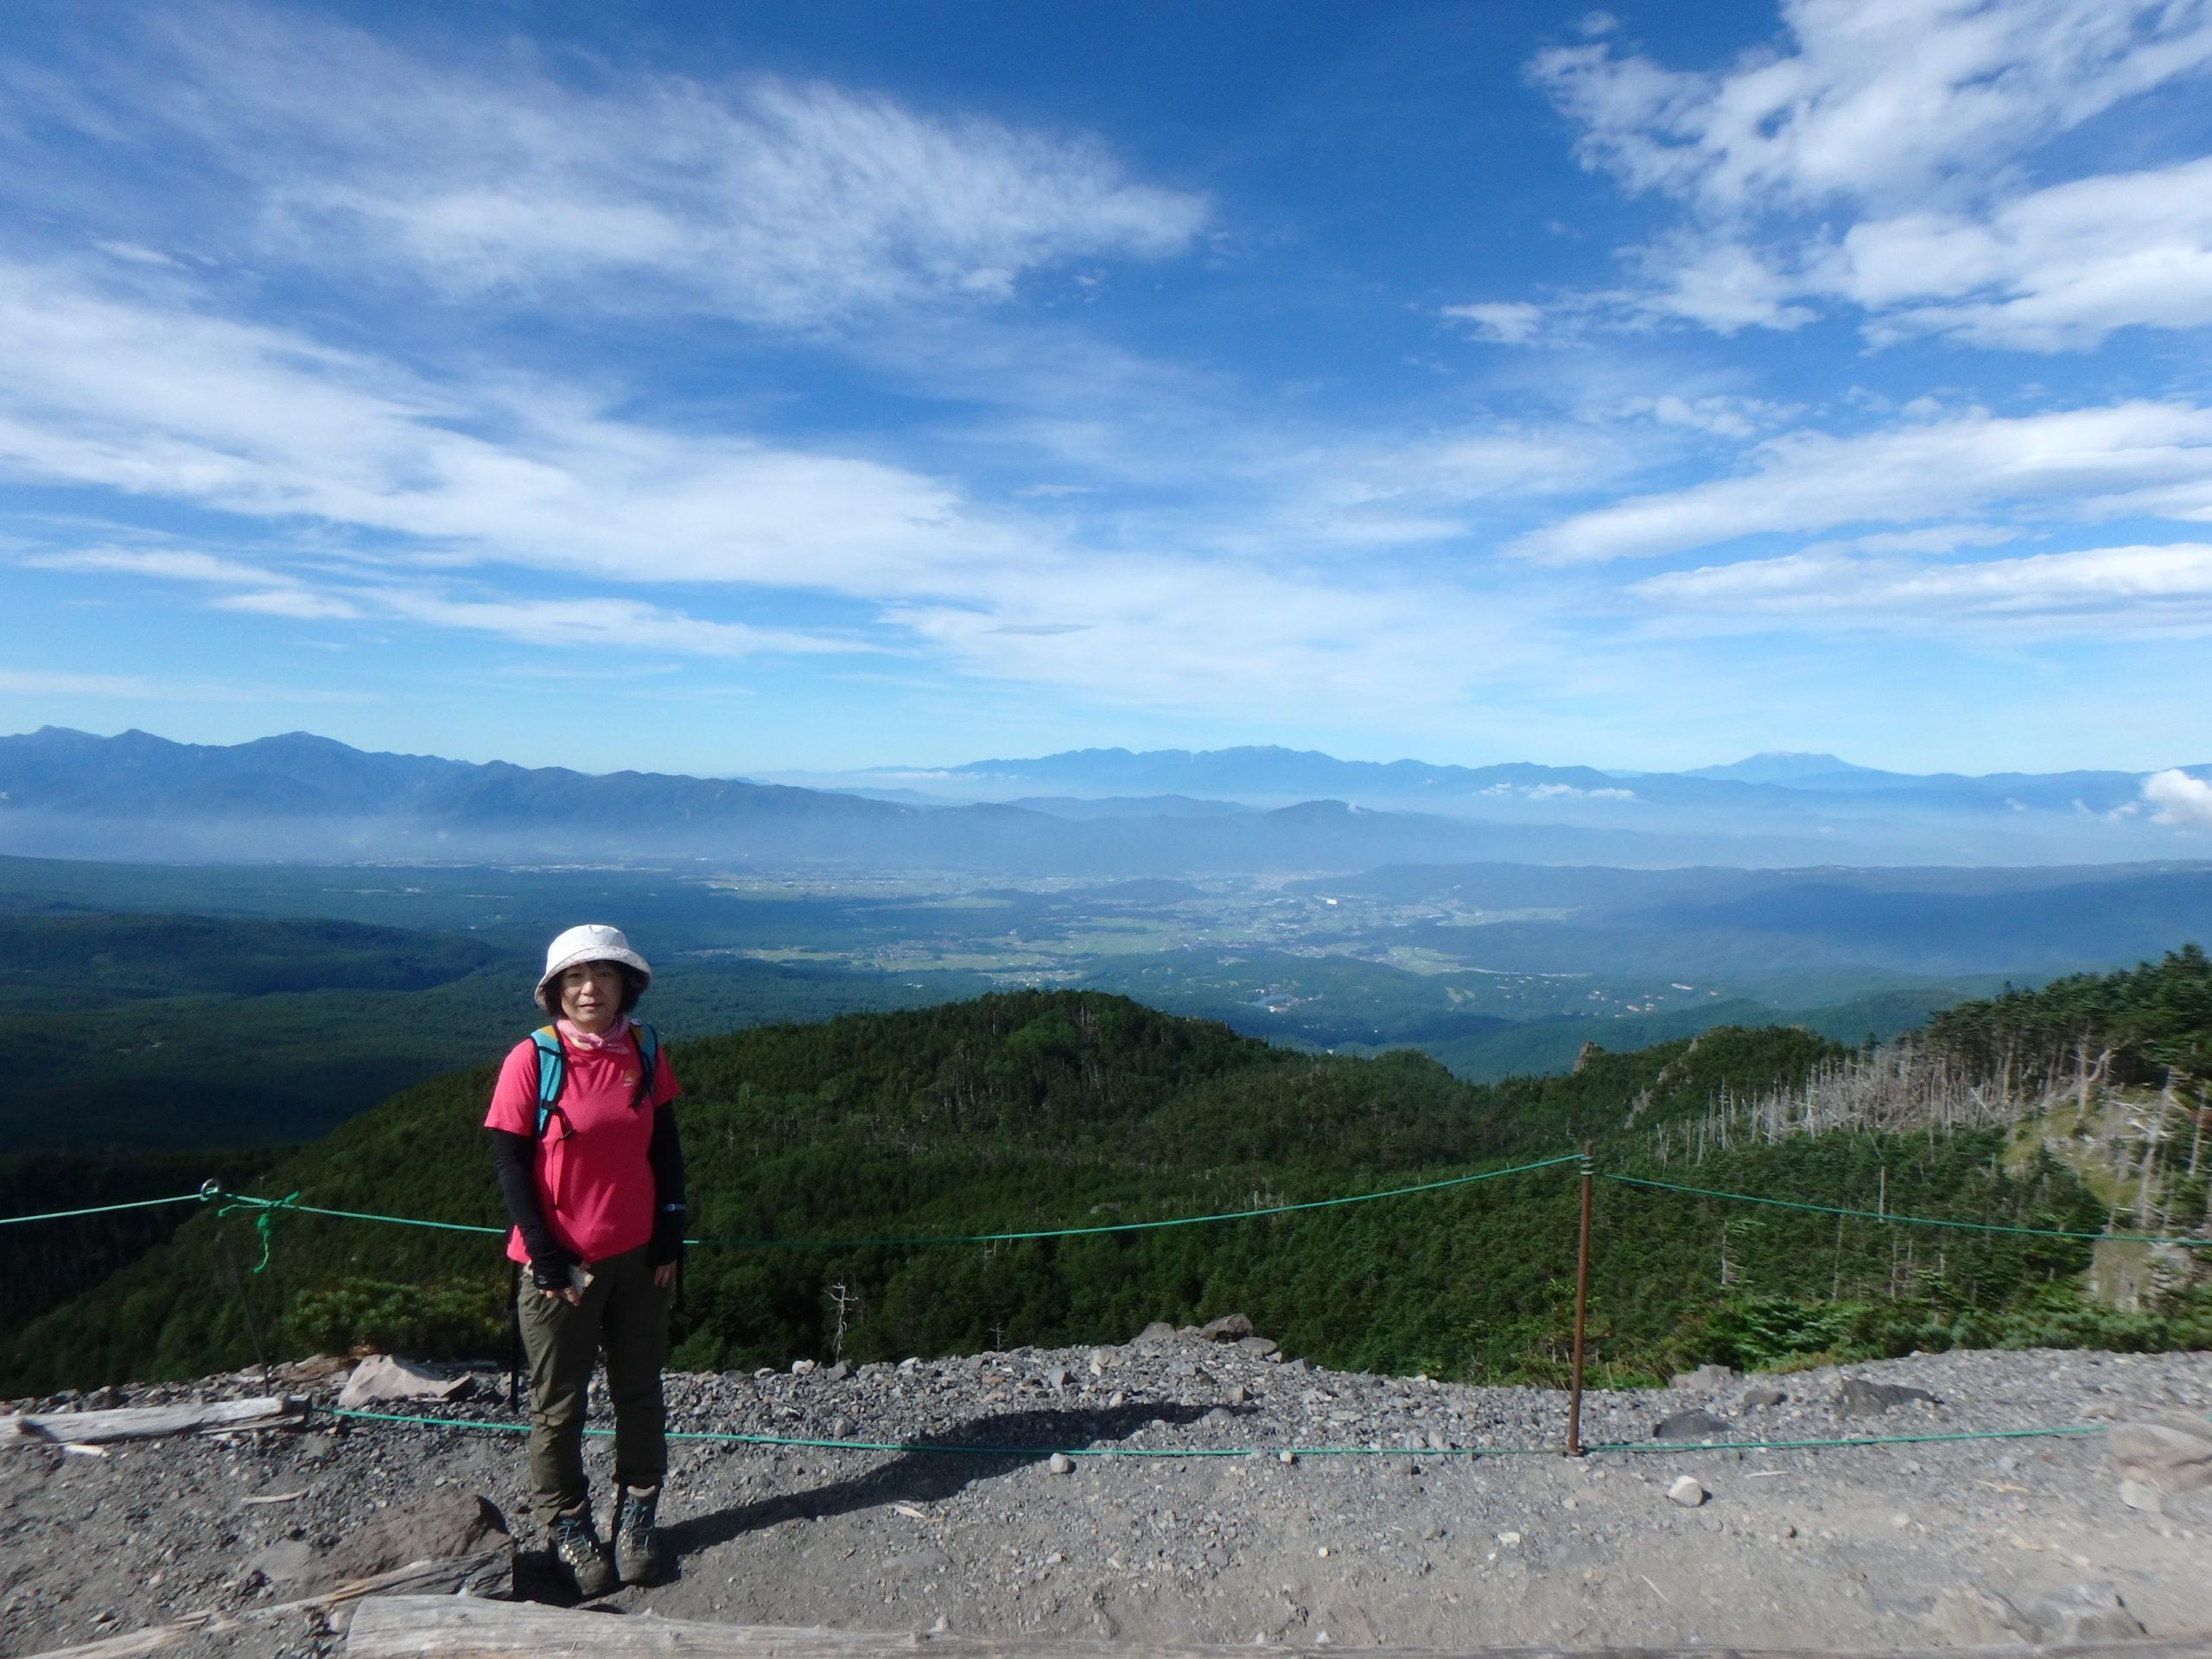 歩いて2分の北横岳南峰から南アルプス、中央アルプス、そして御嶽山